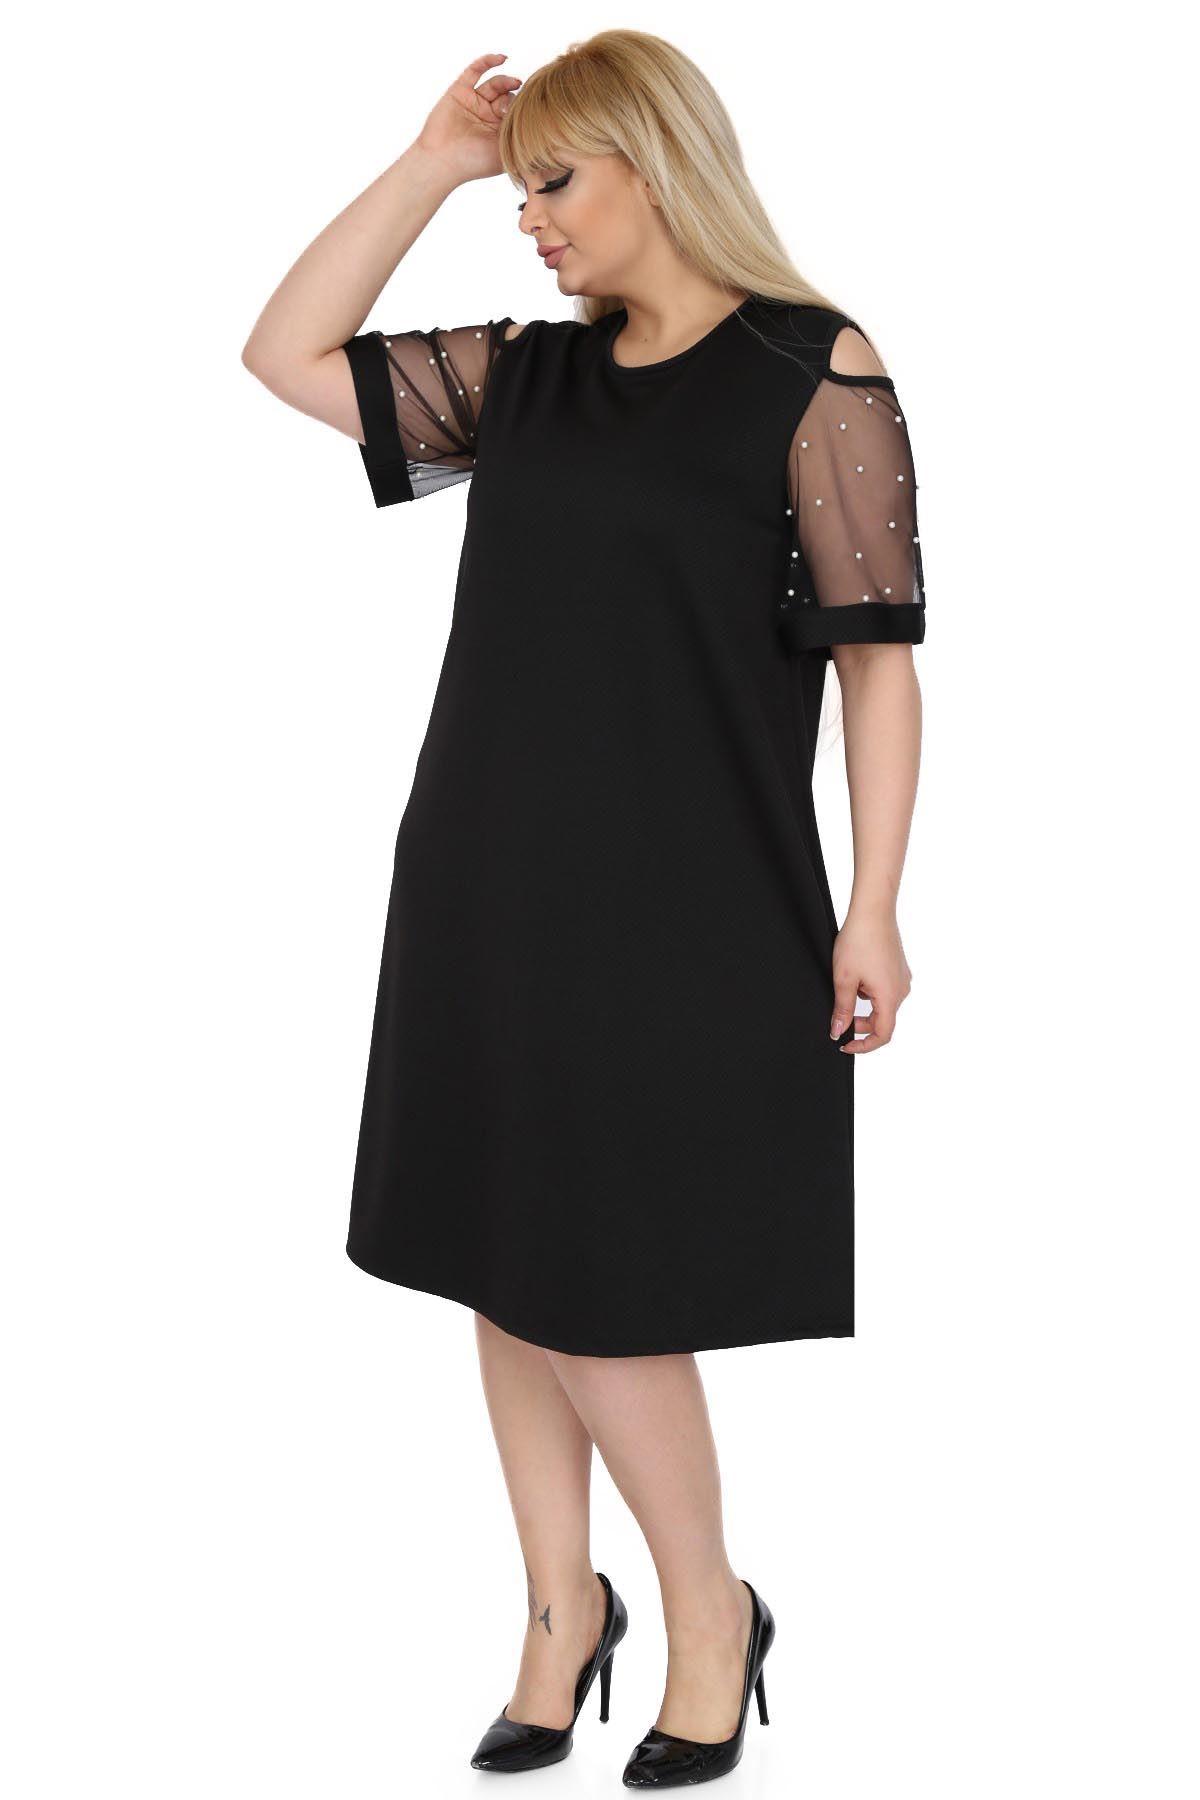 Siyah Kol İncili Büyük Beden Elbise 9C-0515